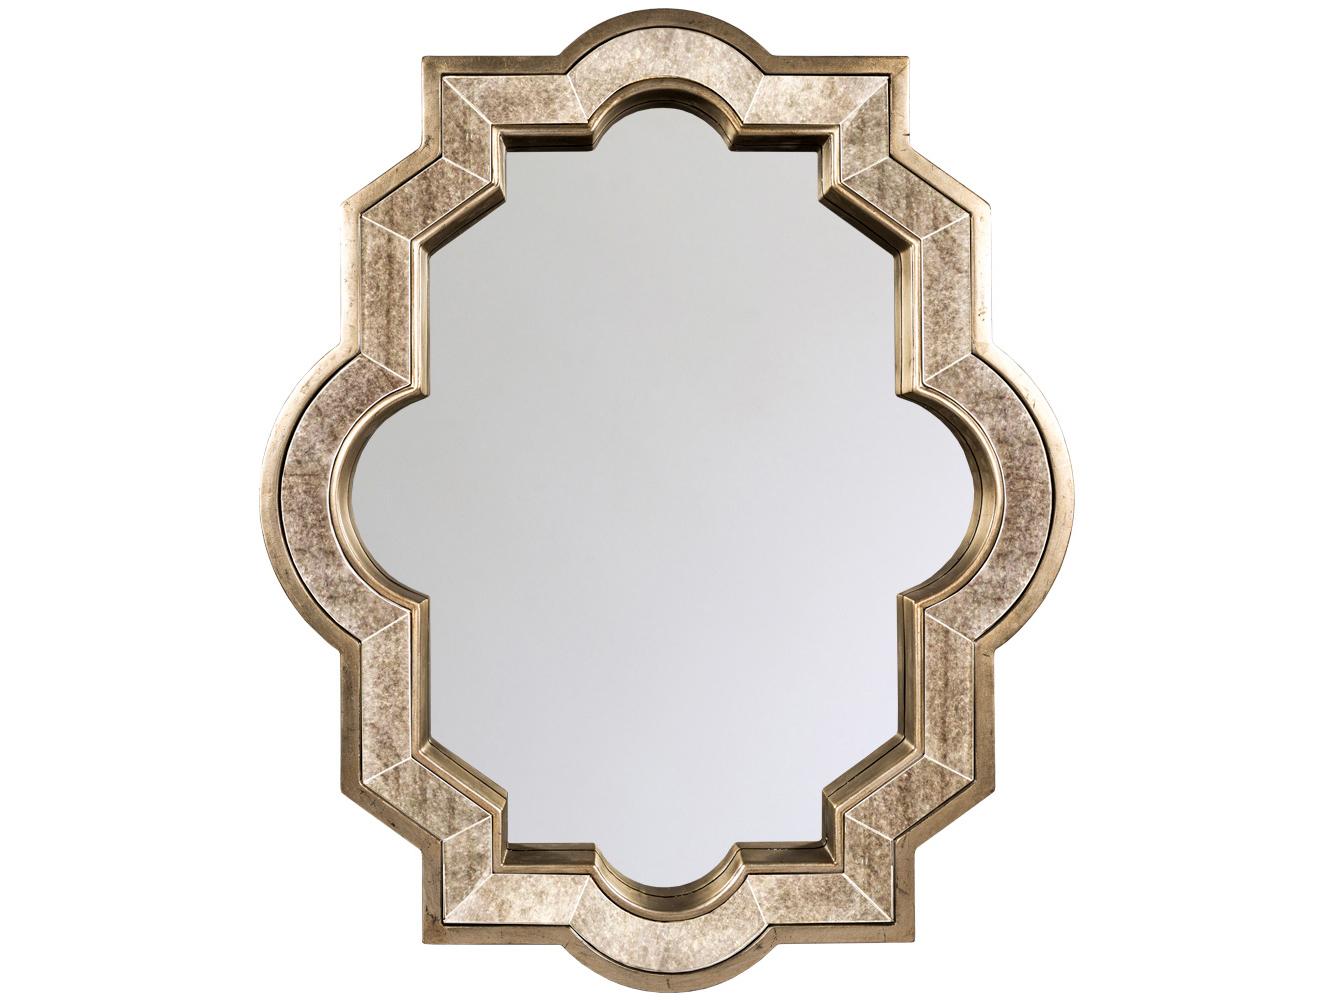 Настенное зеркало «Каньон»Настенные зеркала<br>Зеркало &amp;quot;Каньон&amp;quot; представляет собой греческую классику, изложенную старинным венецианским методом: слой амальгамы, распространяется на всю поверхность, включая раму. Глубокая орнаментальная рама задает отражениям эффект объема, а просторный размер афиширует интерьерную легкость и свет. Поверхность рамы слегка состарена, что придает ей винтажное обаяние и уют. Зеркальное полотно покрыто серебряной амальгамой, обладает идеальной поверхностью.<br><br>Material: МДФ<br>Ширина см: 92.0<br>Высота см: 110.0<br>Глубина см: 7.5